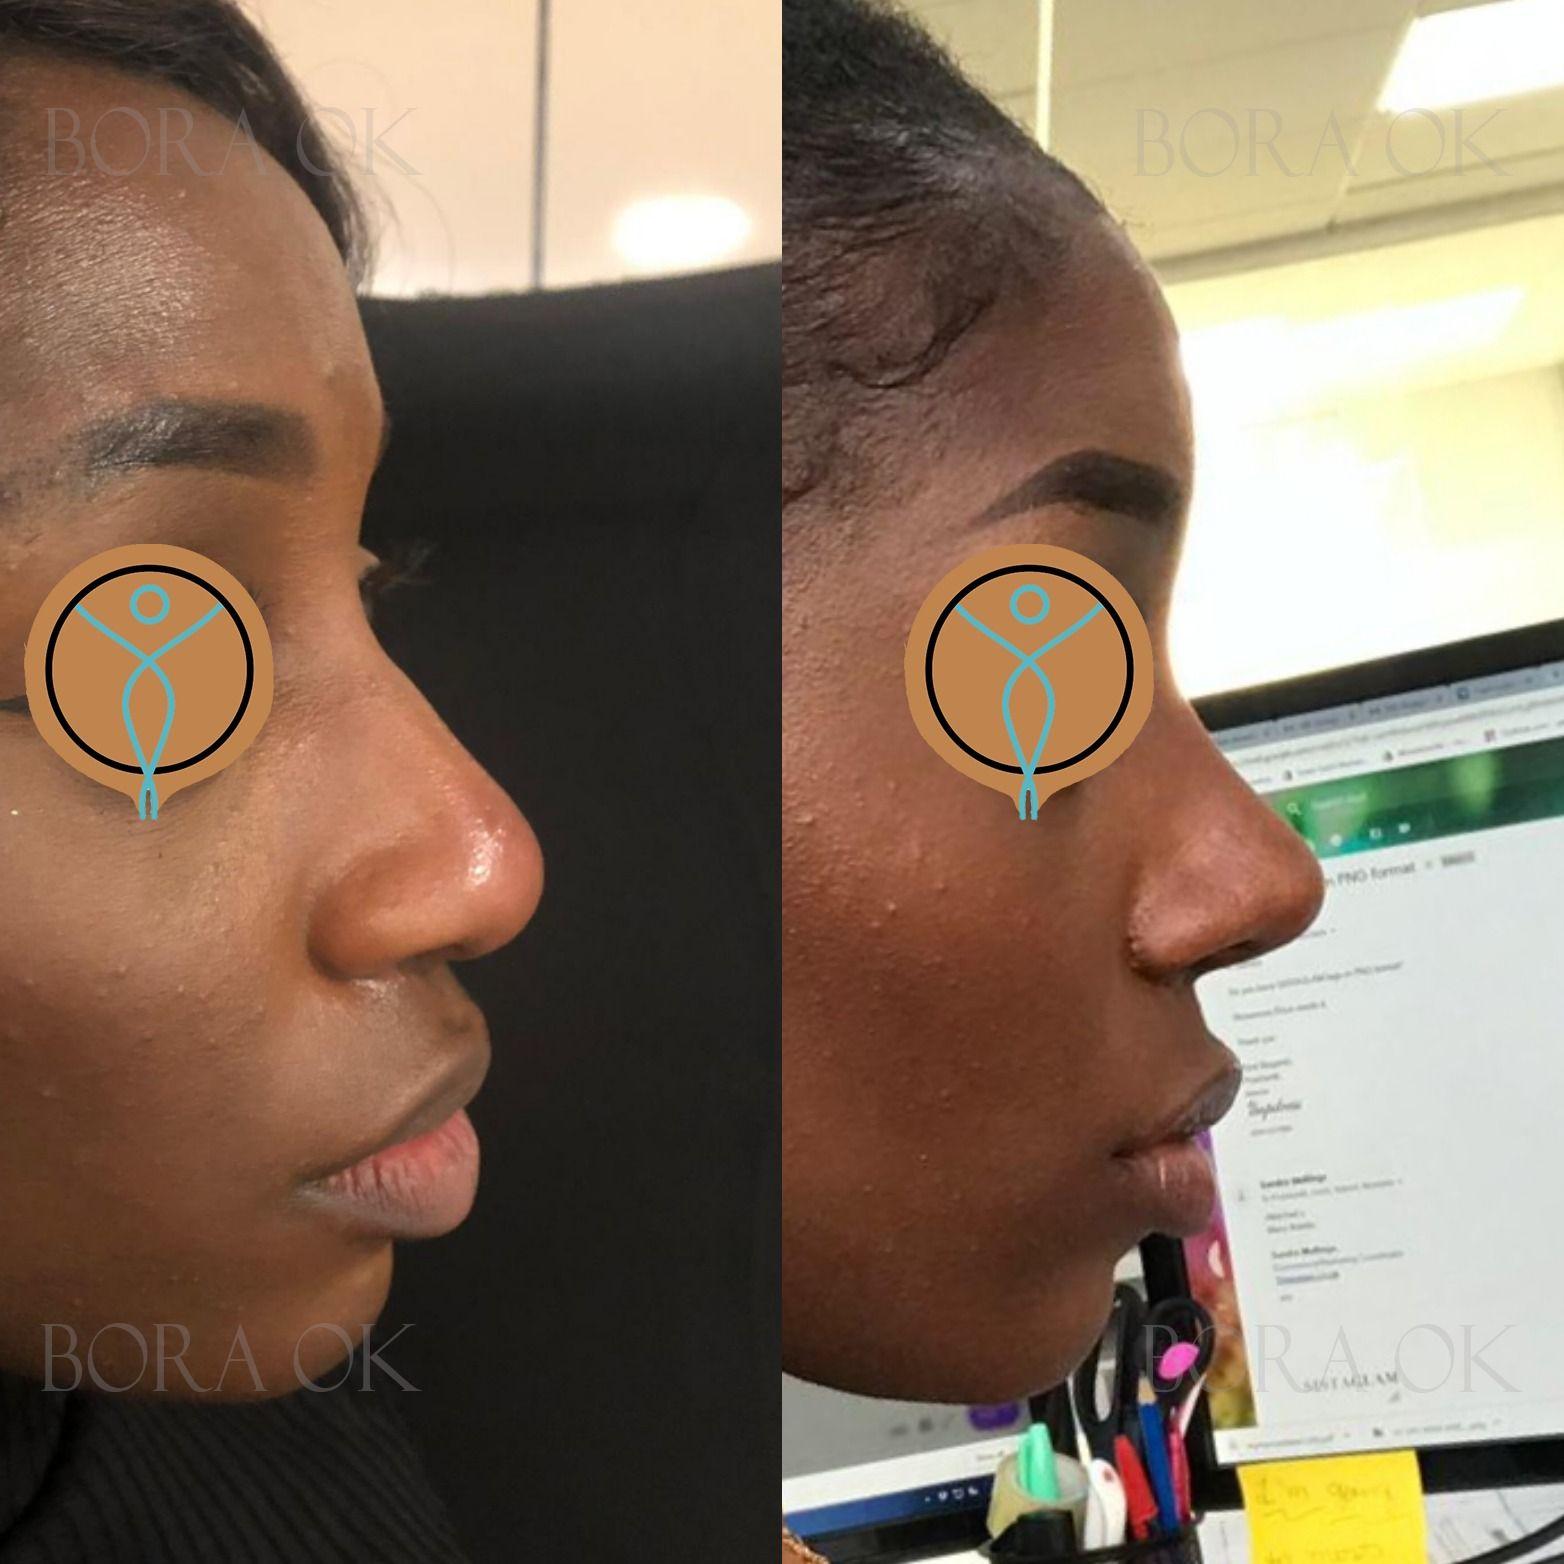 Ethnic Rhinoplasty (Nose Job) panosundaki Pin